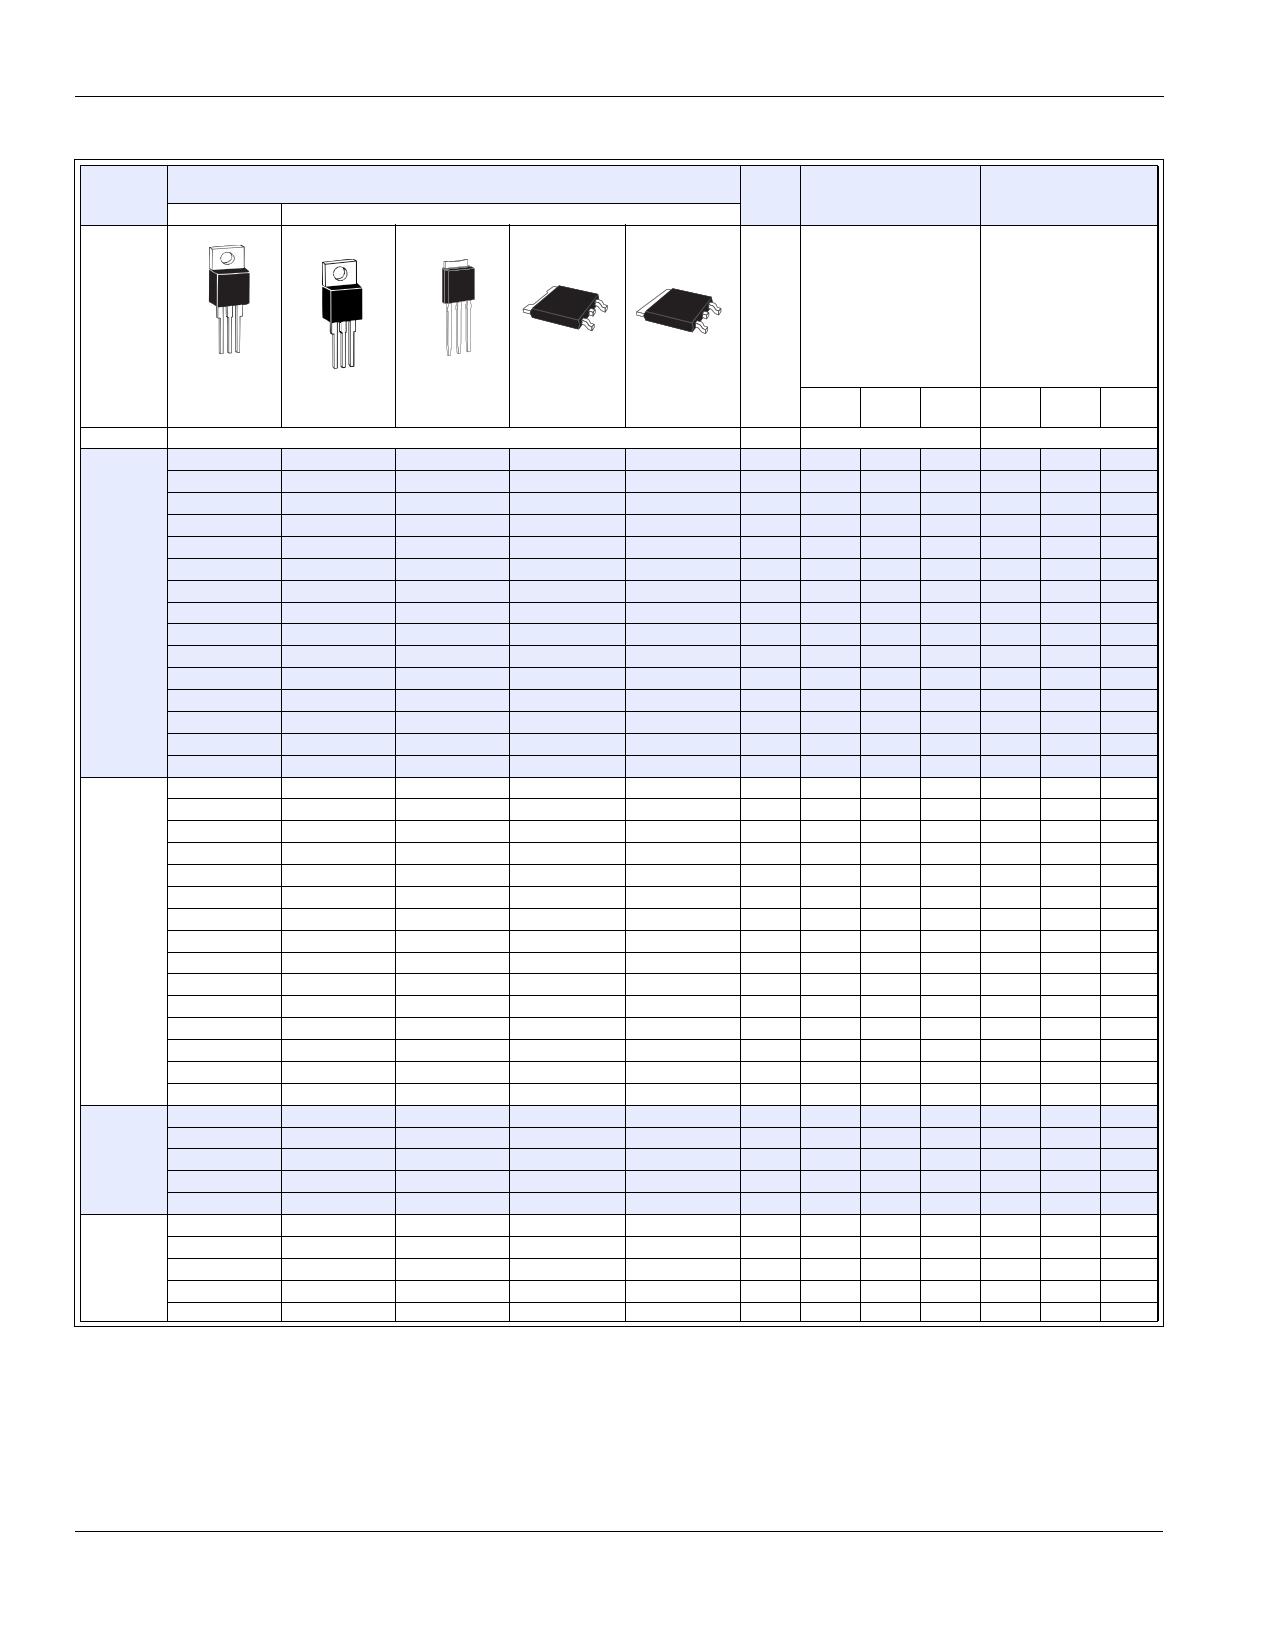 Q2006VH4 pdf, schematic